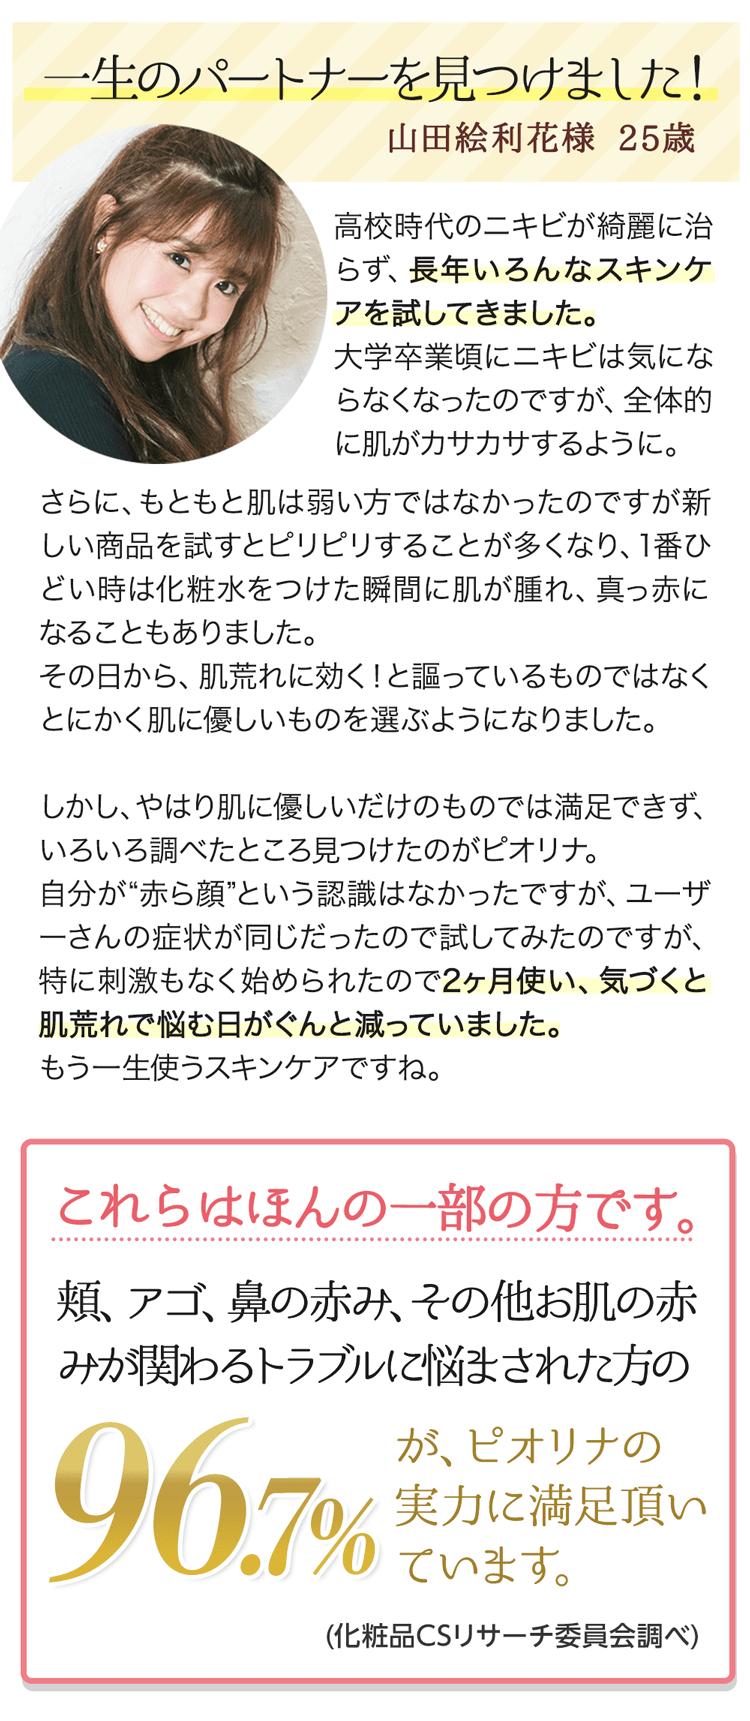 """『一生のパートナーを見つけました!』山田絵利花様25歳【高校時代のニキビが綺麗に治らず、長年いろんなスキンケアを試してきました。大学卒業頃にニキビは気にならなくなったのですが、全体的に肌がカサカサするように。さらに、もともと肌は弱い方ではなかったのですが新しい商品を試すとピリピリすることが多くなり、1番ひどい時は化粧水をつけた瞬間に肌が腫れ、真っ赤になることもありました。その日から、肌荒れに効く!と謳っているものではなくとにかく肌に優しいものを選ぶようになりました。しかし、やはり肌に優しいだけのものでは満足できず、いろいろ調べたところ見つけたのがピオリナ。自分が""""赤ら顔""""という認識はなかったですが、ユーザーさんの症状が同じだったので試してみたのですが、特に刺激もなく始められたので2ヶ月使い、気づくと肌荒れで悩む日がぐんと減っていました。もう一生使うスキンケアですね。】 これらはほんの一部の方です。頬、アゴ、鼻の赤み、その他お肌の赤みが関わるトラブルに悩まされた方の96.7%が、ピオリナの実力に満足頂いています。※2016年12月~2017年9月:当社調べ"""